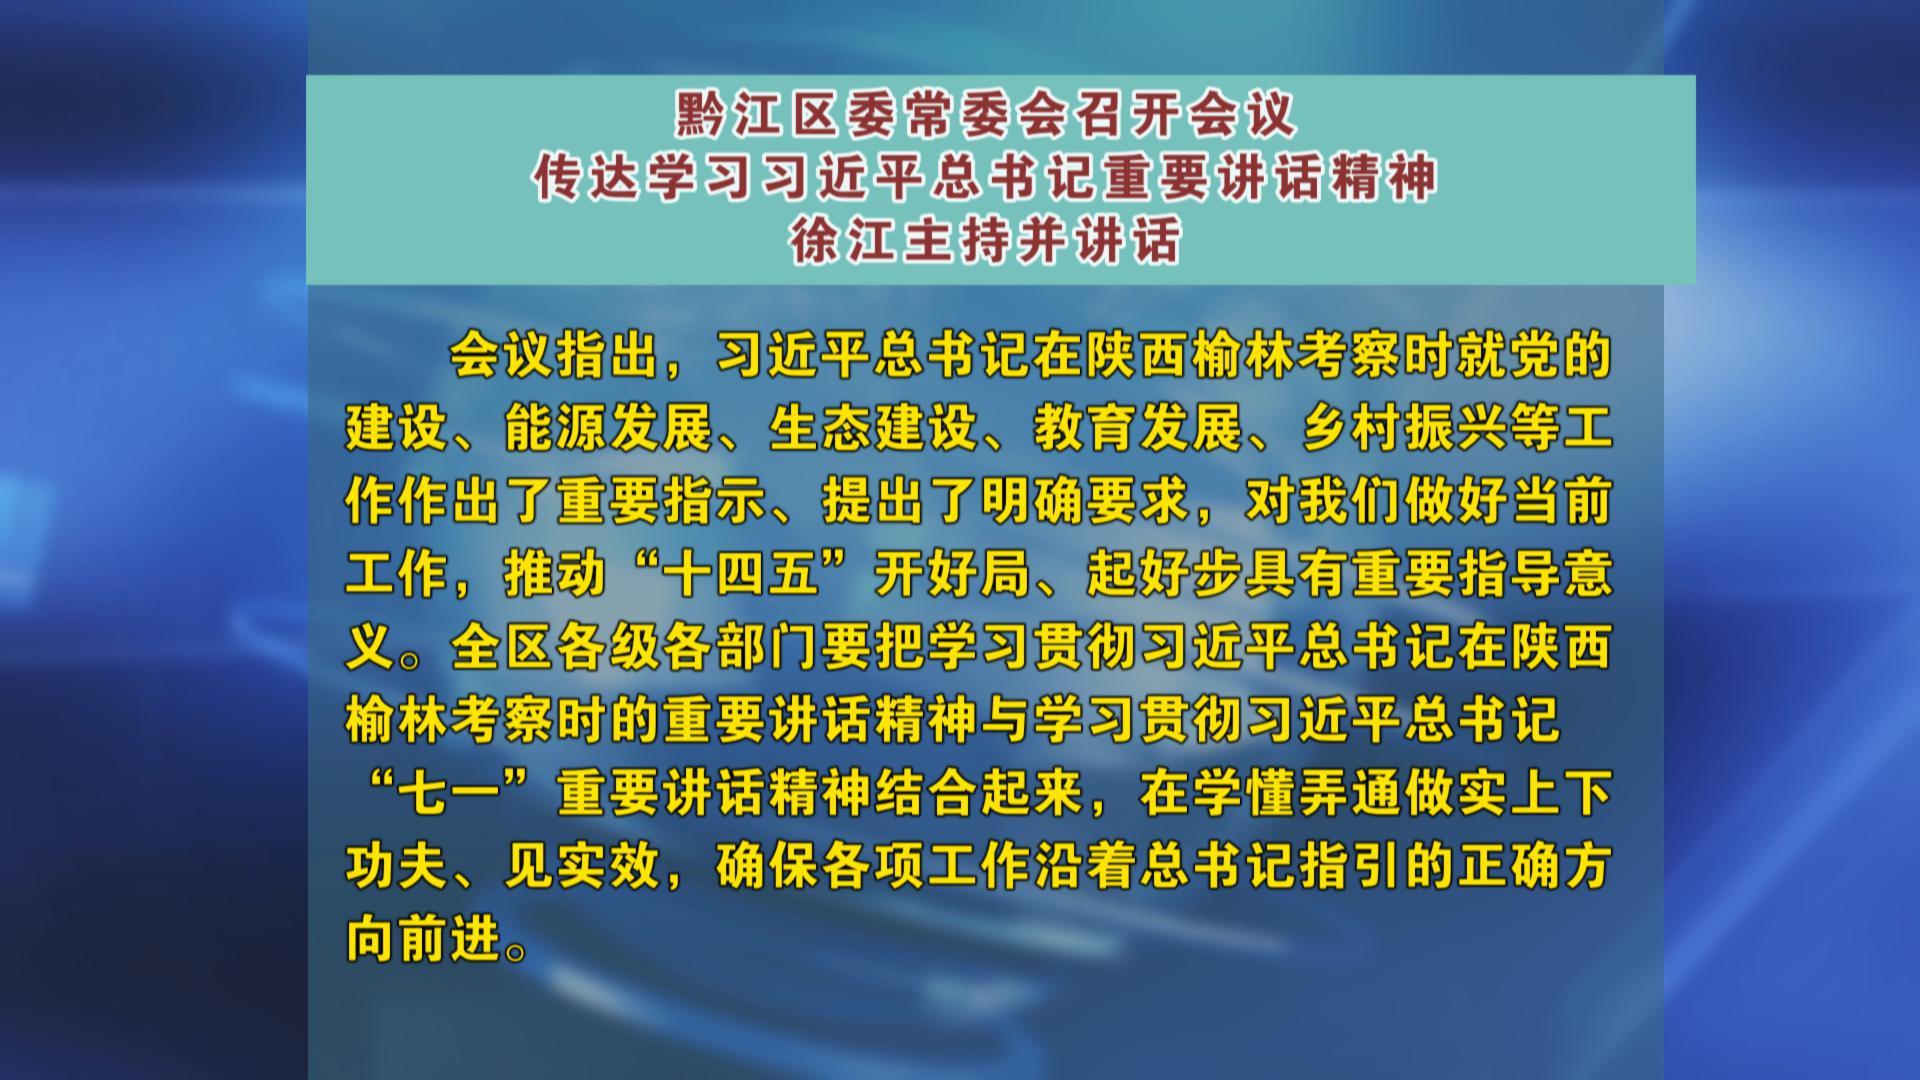 黔江区委常委会召开会议 传达学习习近平总书记重要讲话精神 徐江主持并讲话